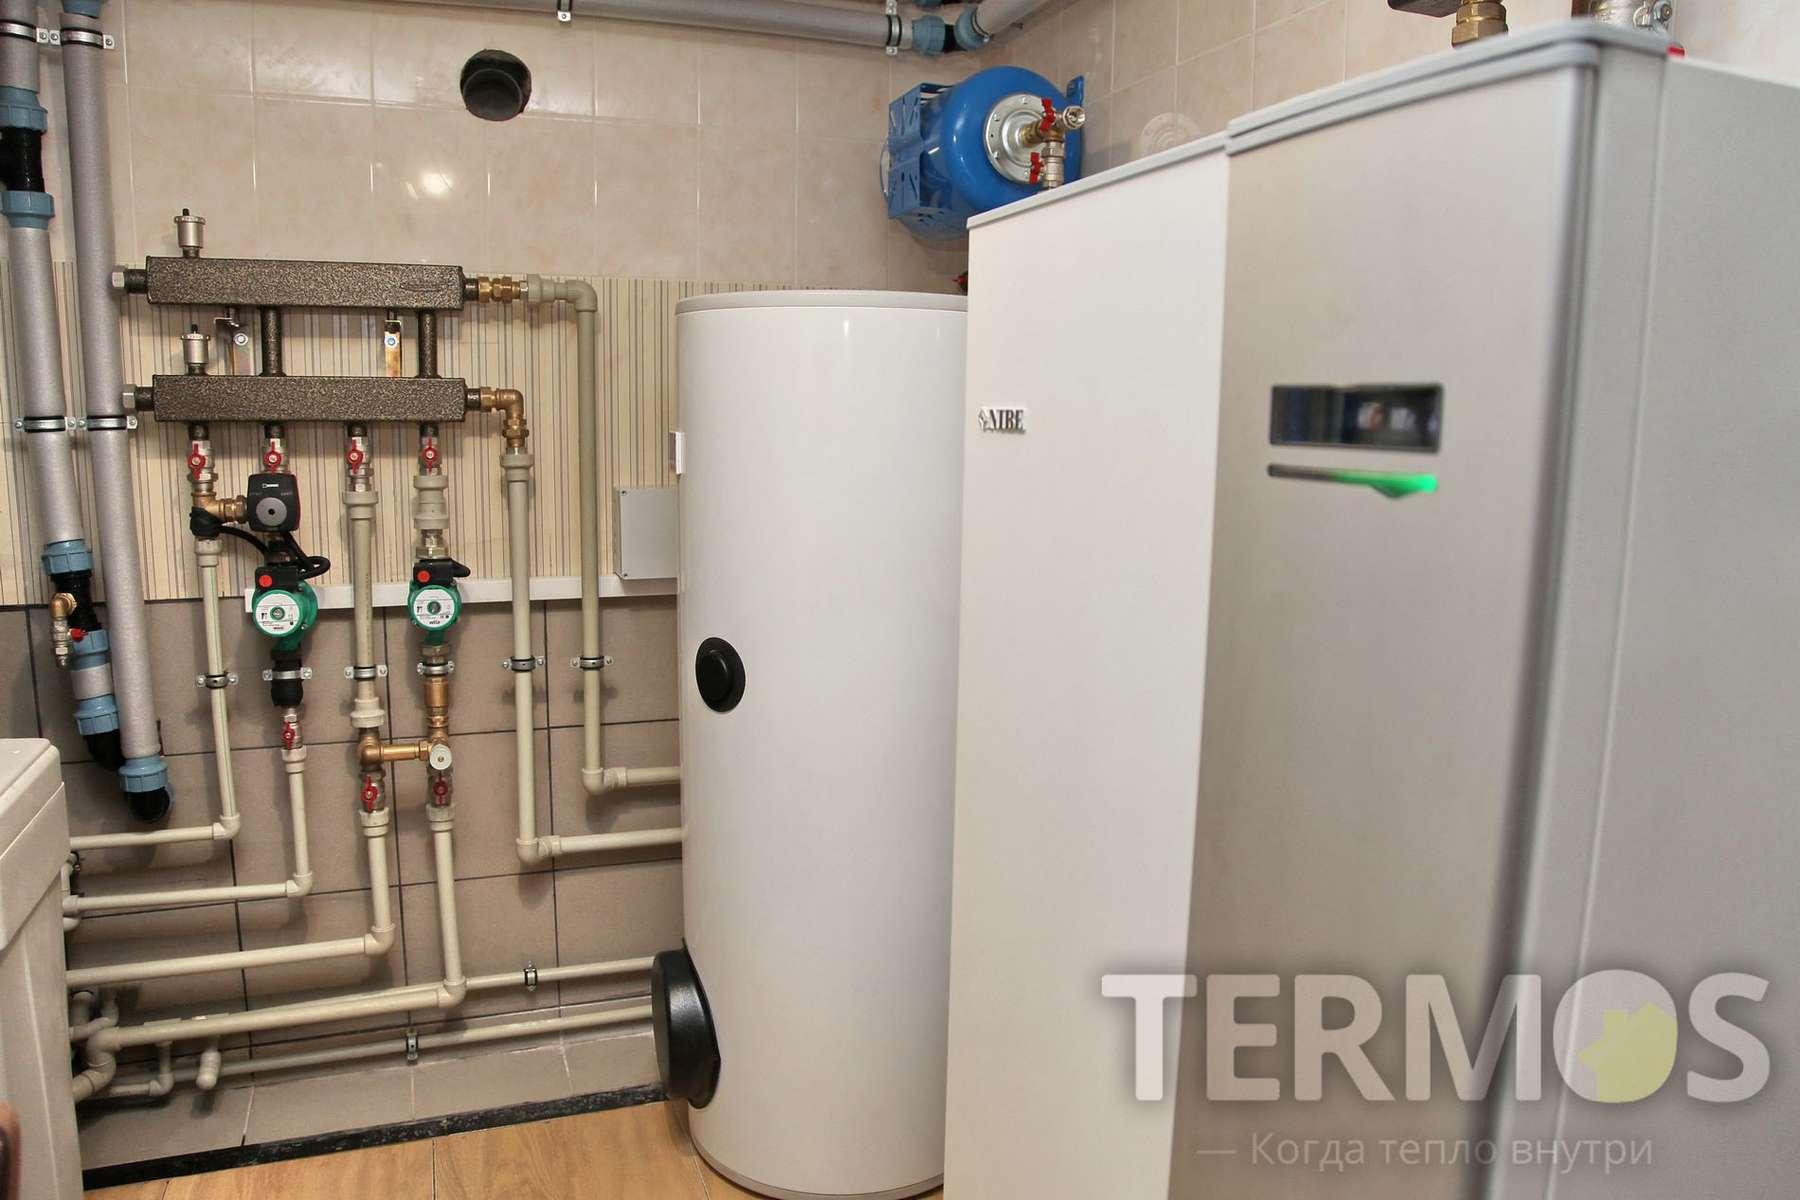 Киев. Дом 250 кв м. NIBE (Швеция) 12 кВт, четыре геотермальные скважины по 60 м. Экономичная система отопления на геотермальном тепловом насосе  NIBE (Швеция) 12 кВт c 4 геотермальные скважинами по 60 м